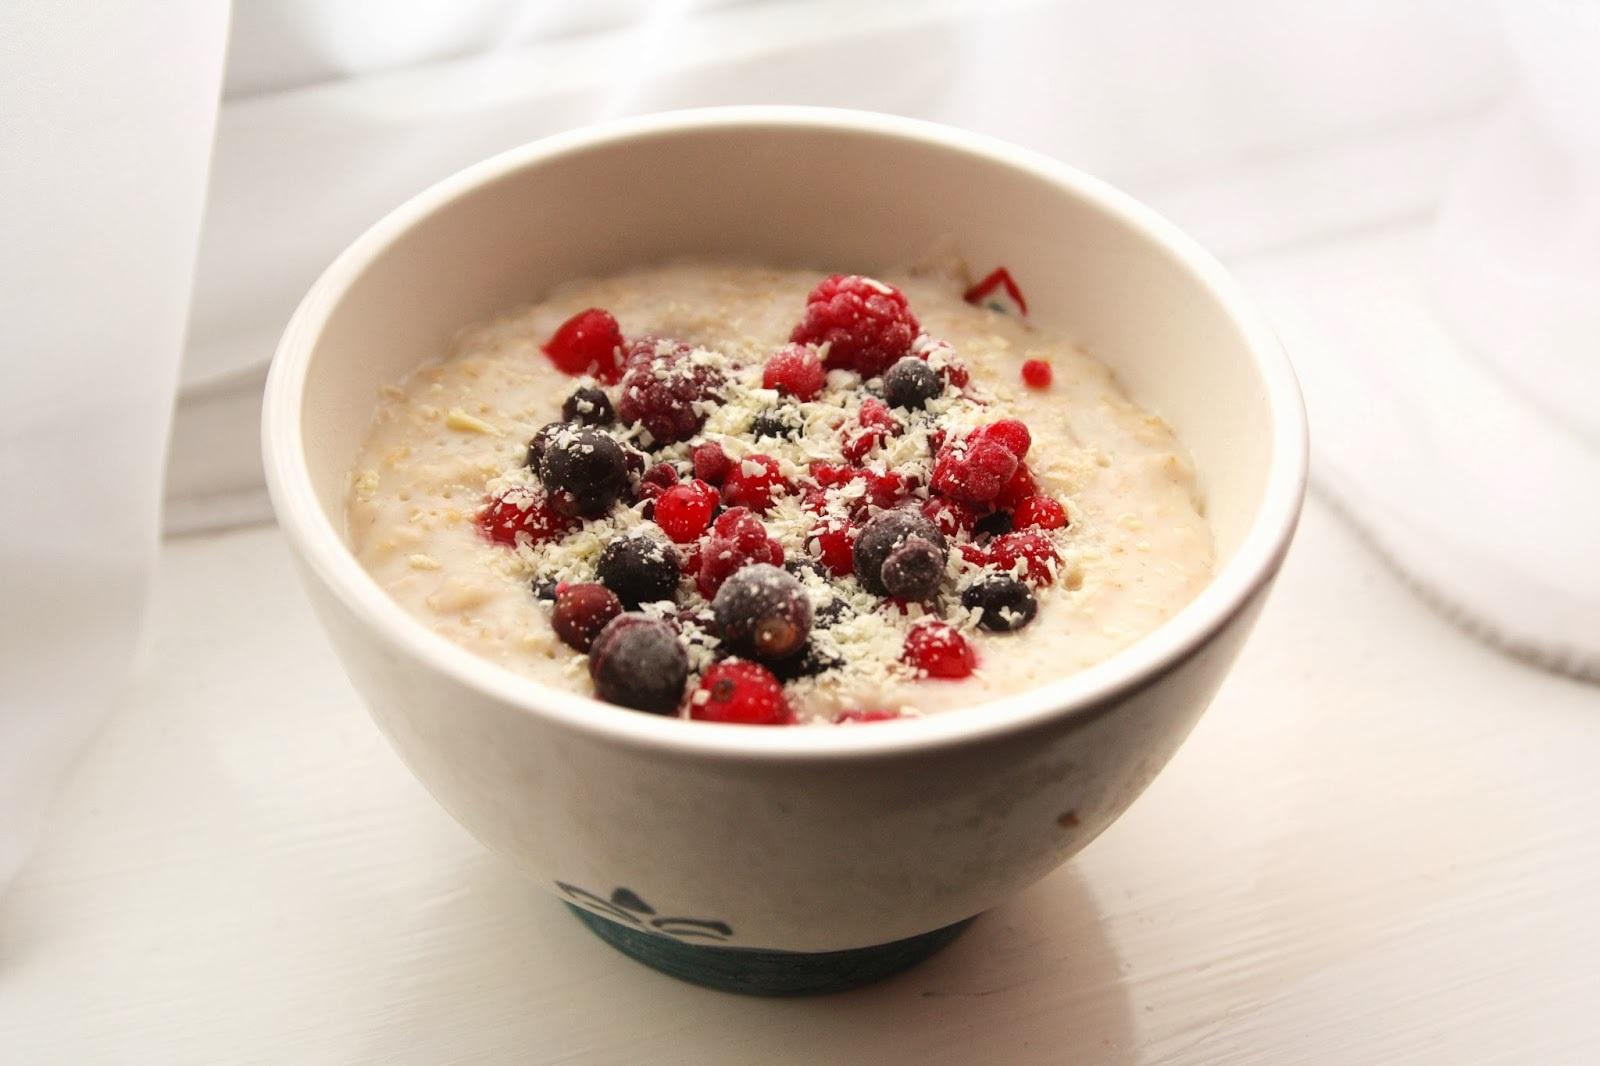 uses cold porridge